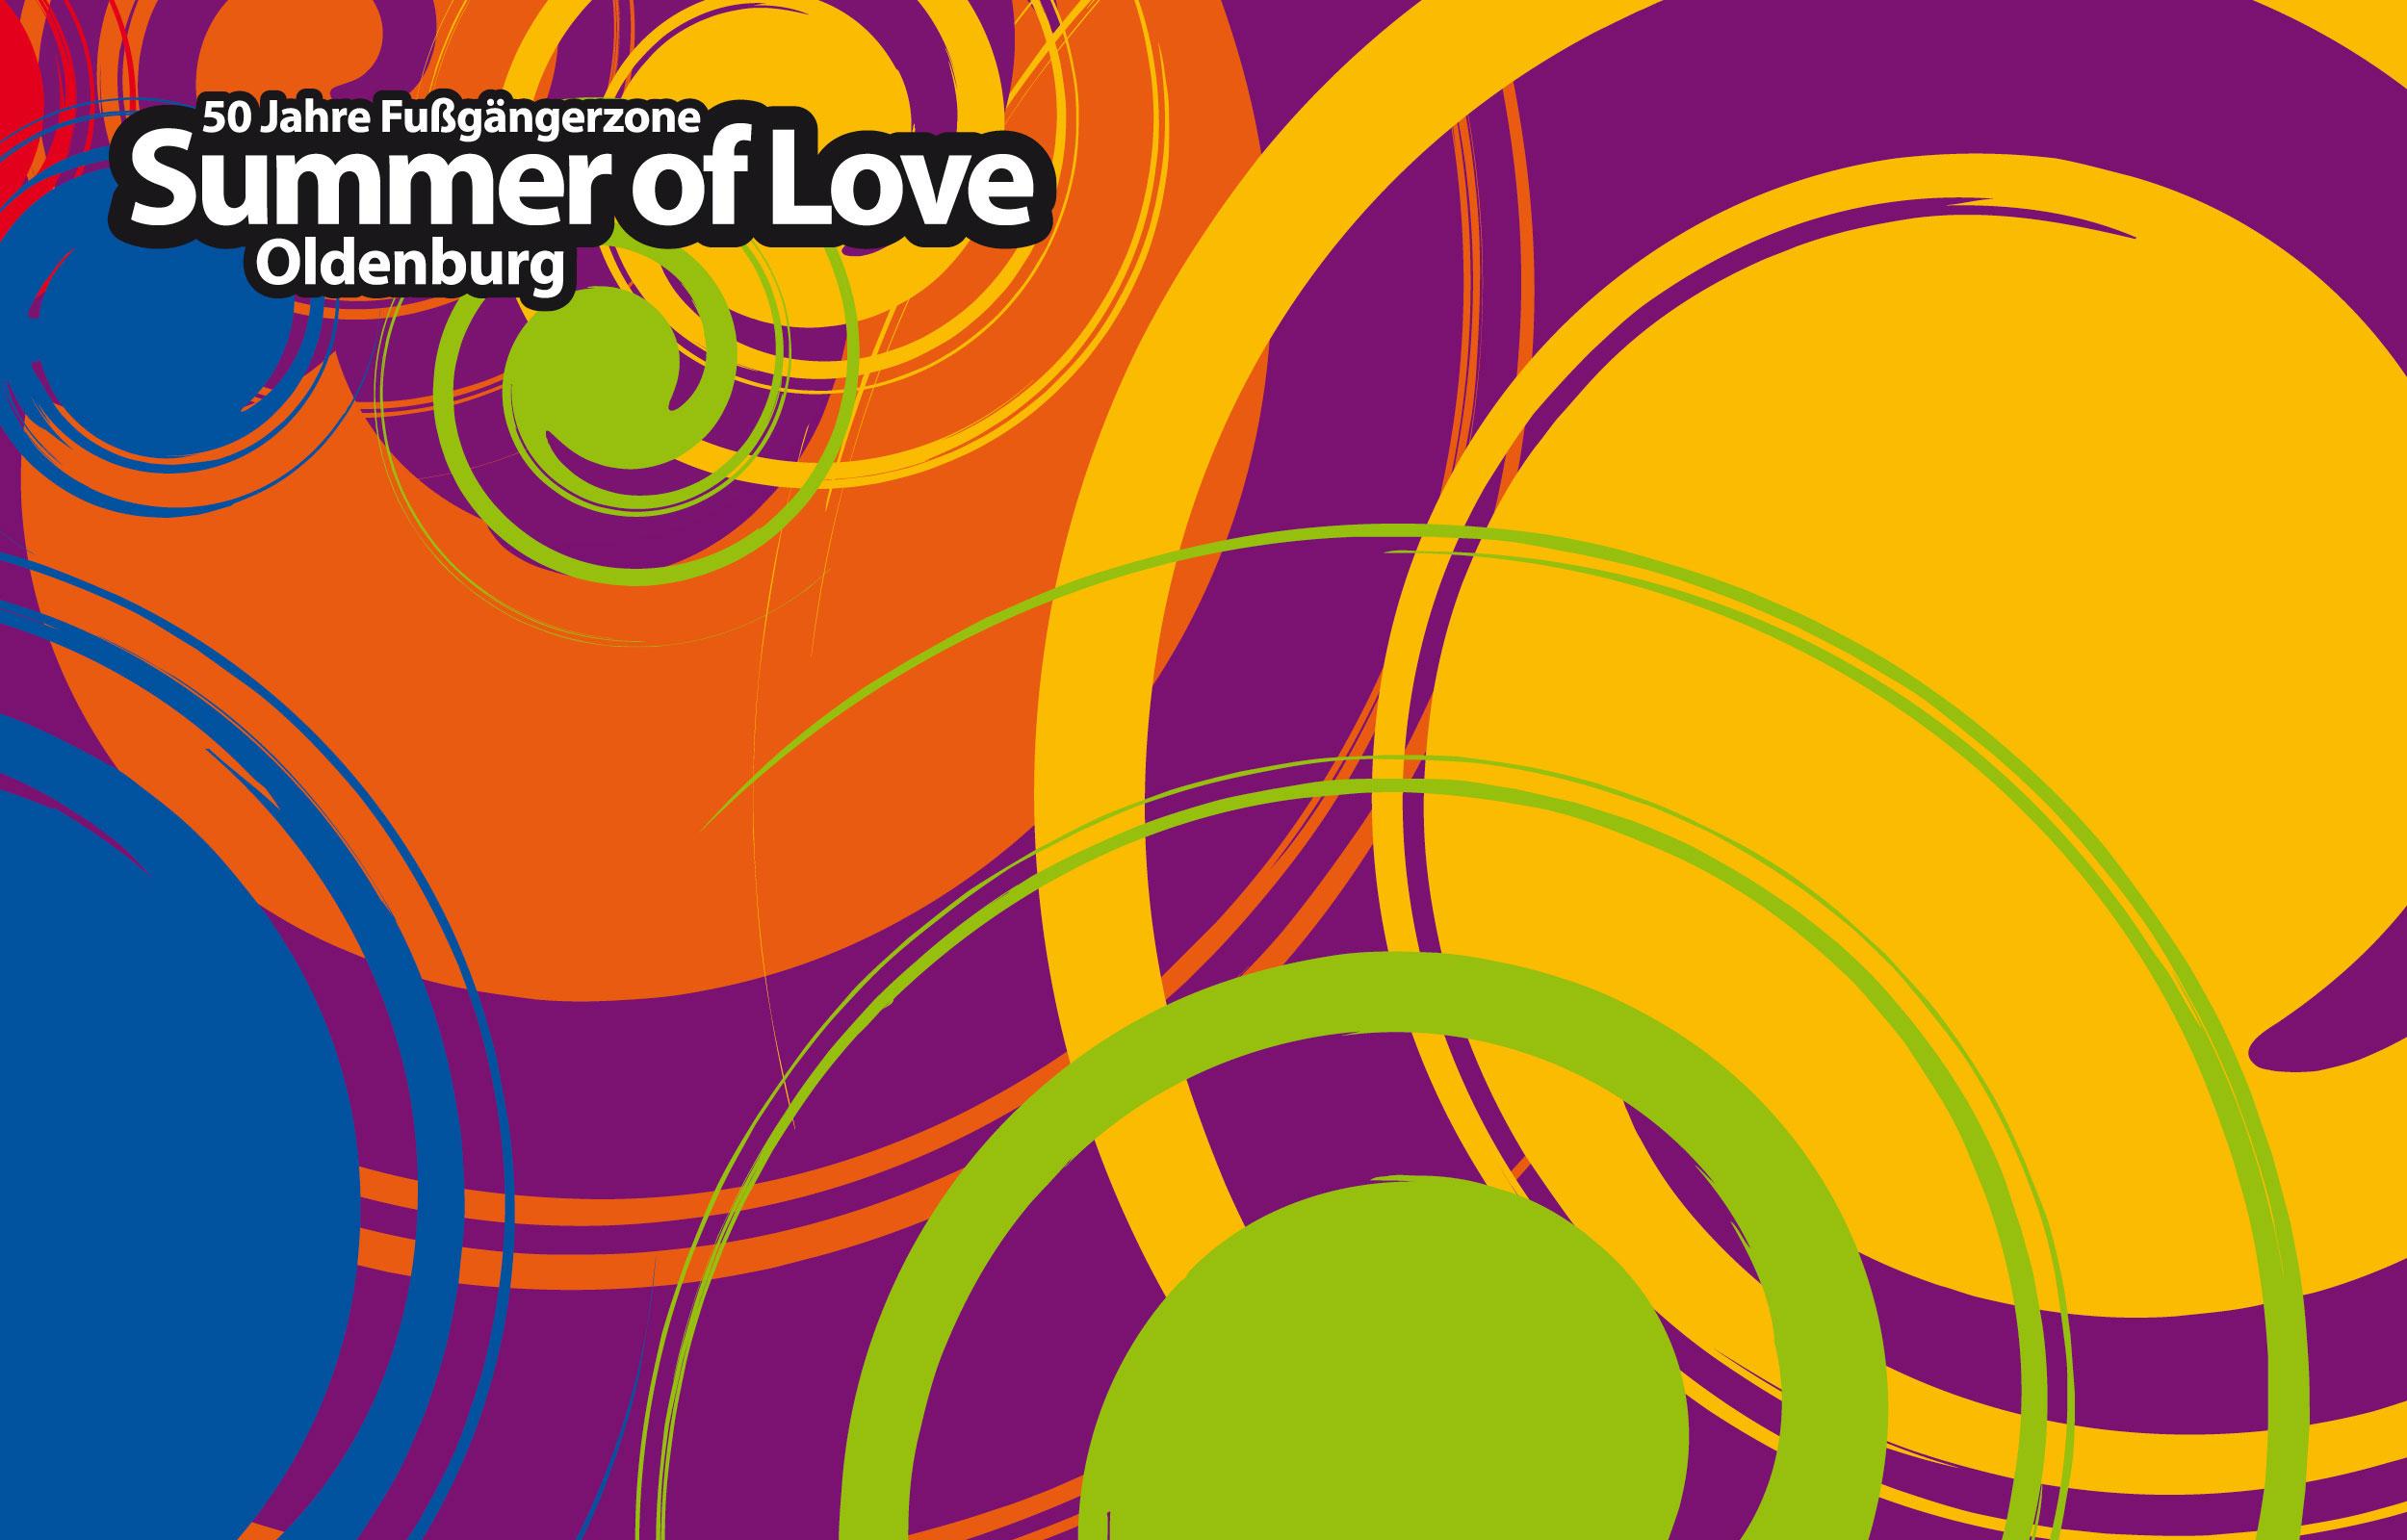 Fussgangerzone Oldenburg Karte.Summer Of Love I 50 Jahre Fussgangerzone Oldenburg